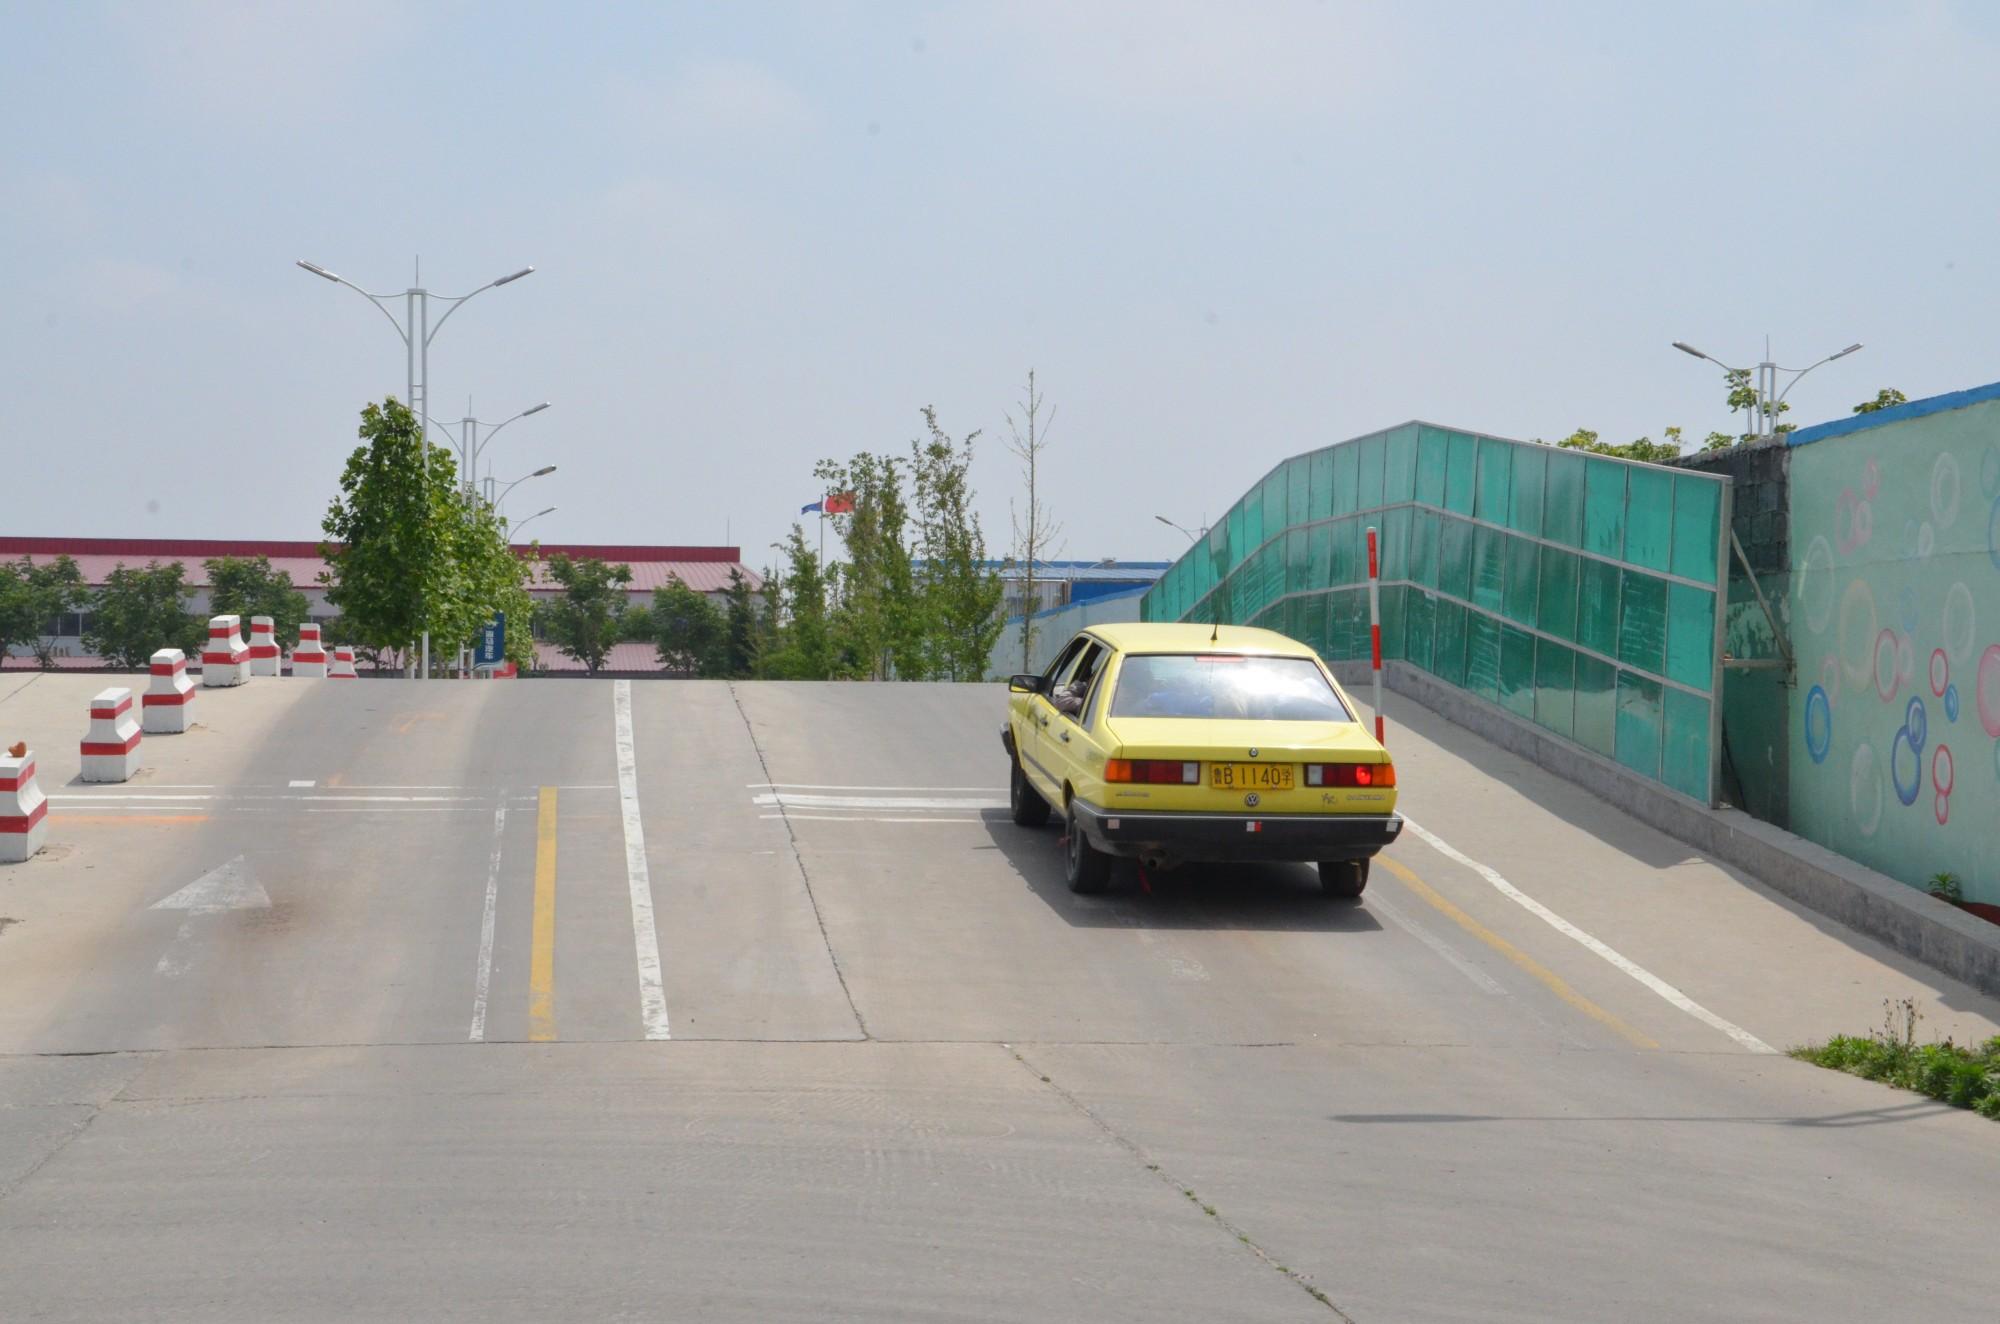 青岛驾校|天桥驾校|青岛驾驶员培训|平度驾校|平度驾驶员培训|平度